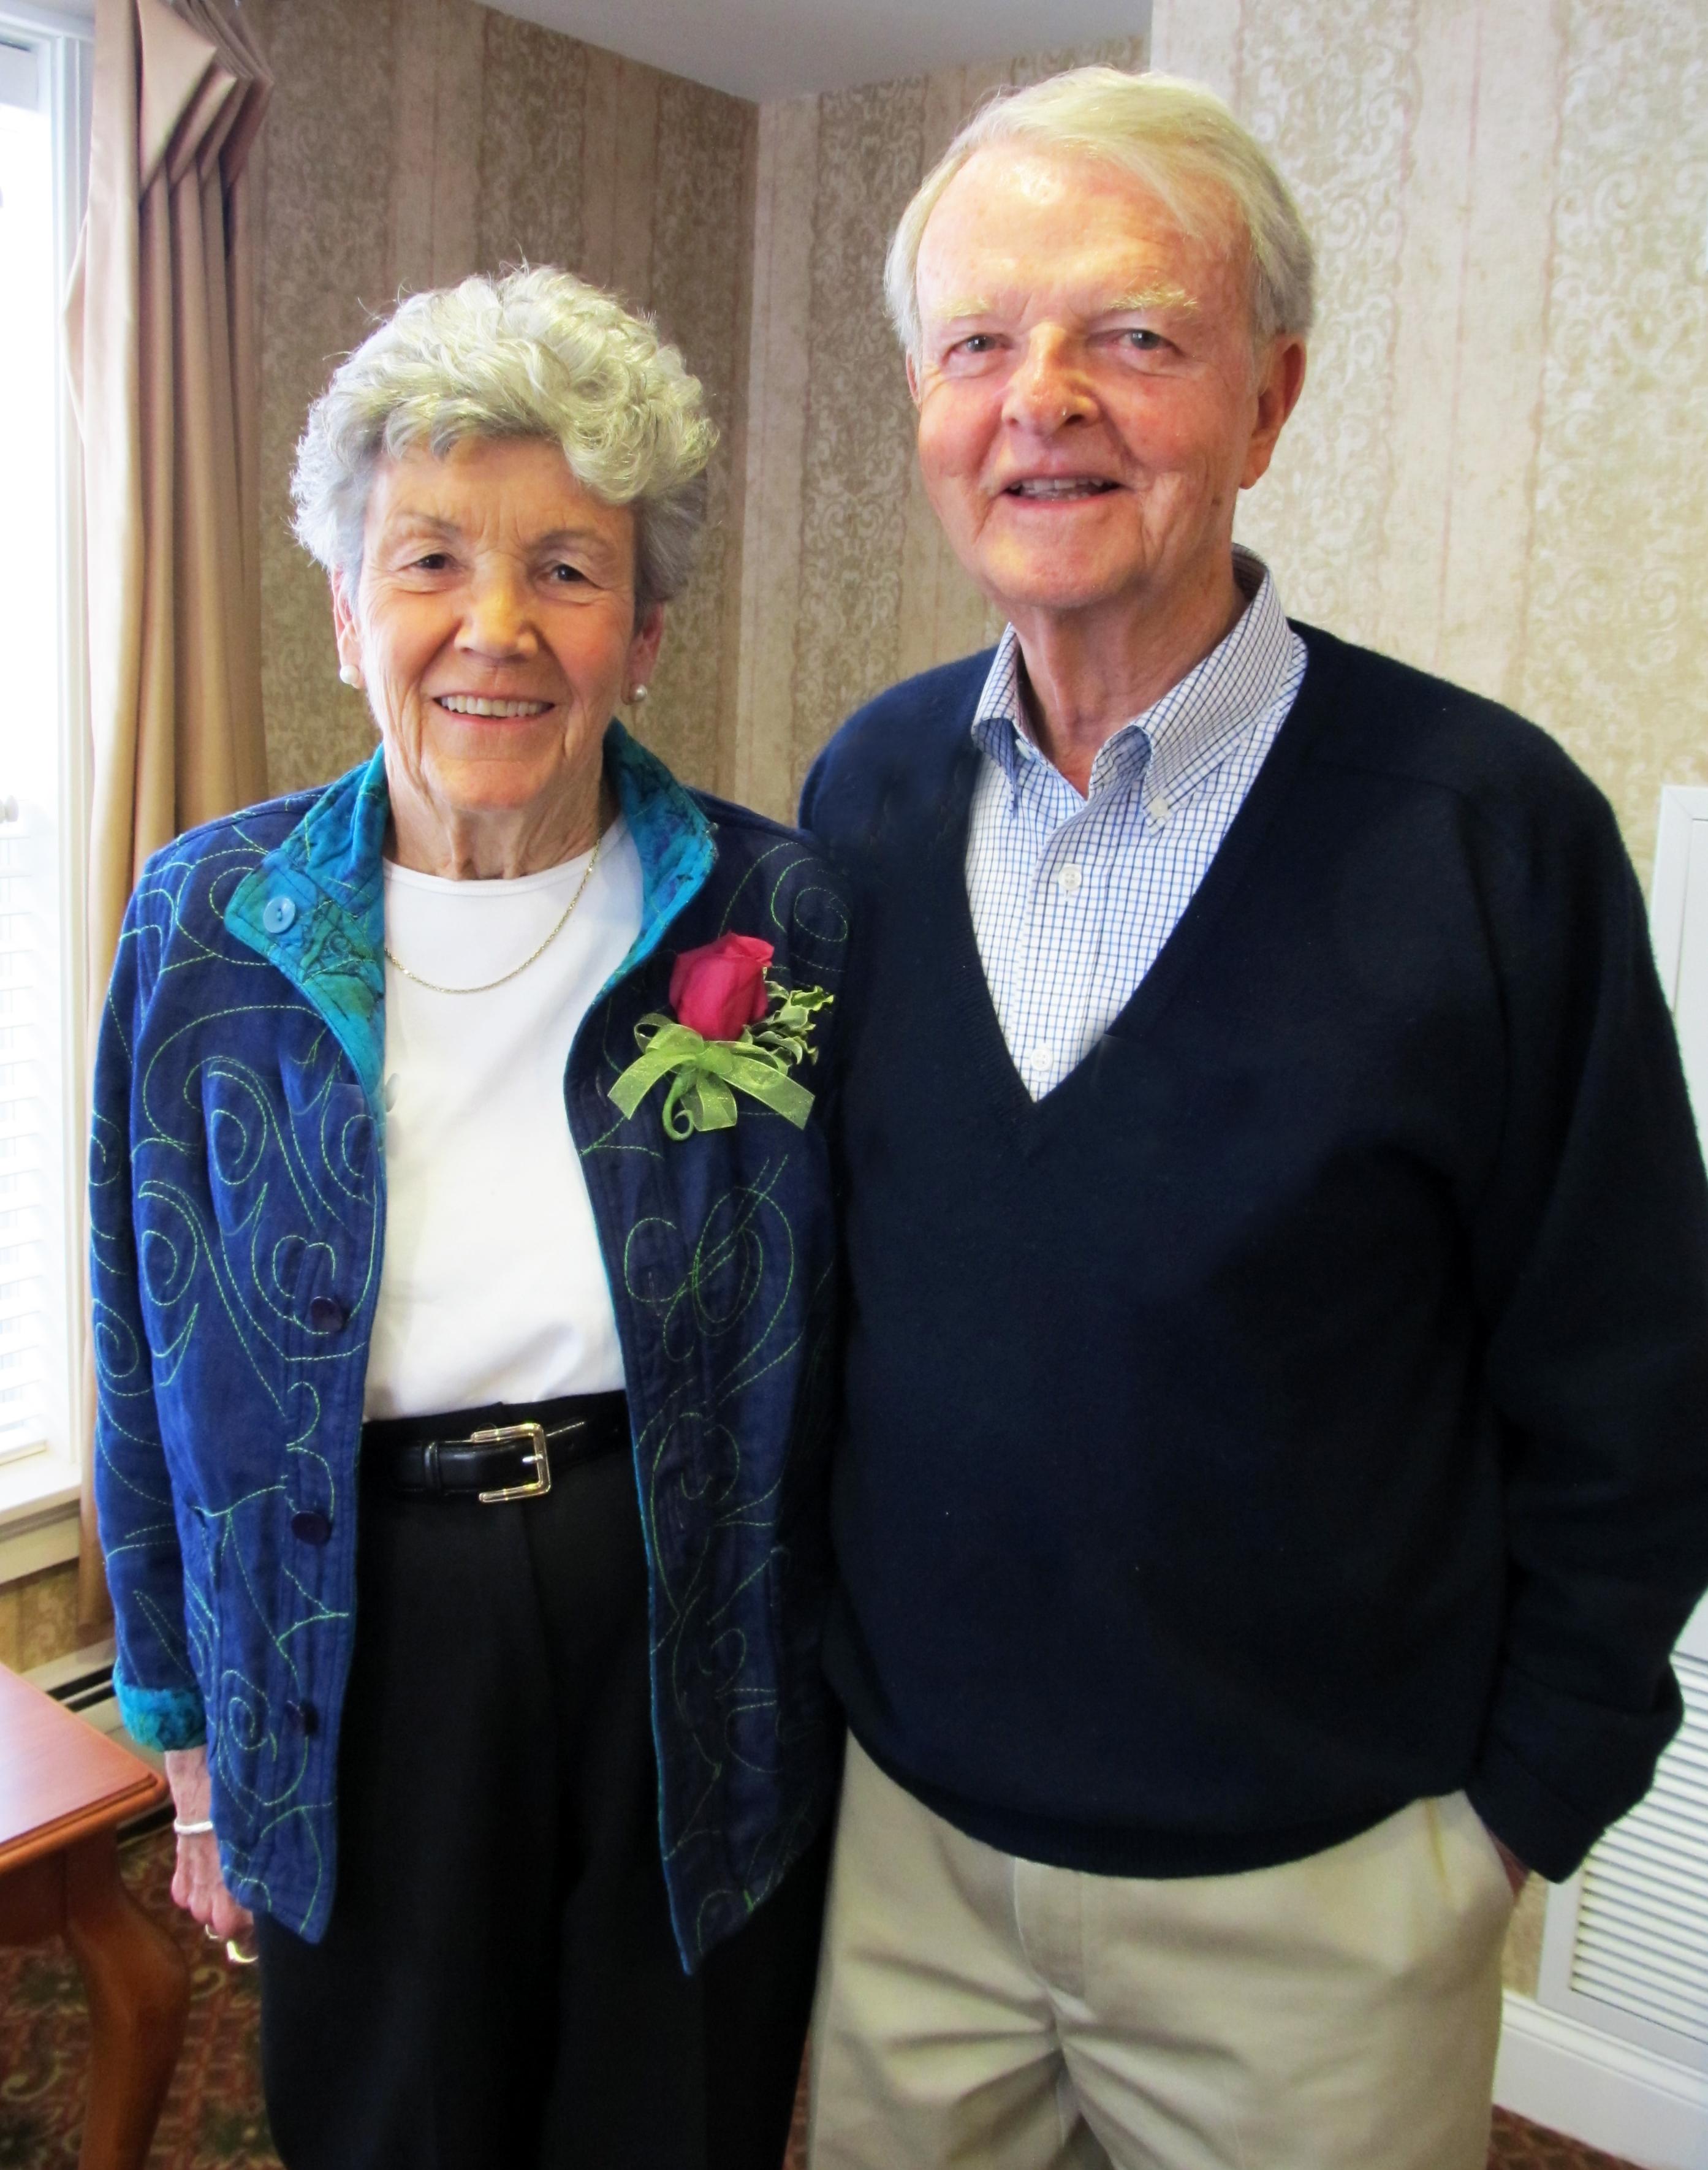 Al and Lynn